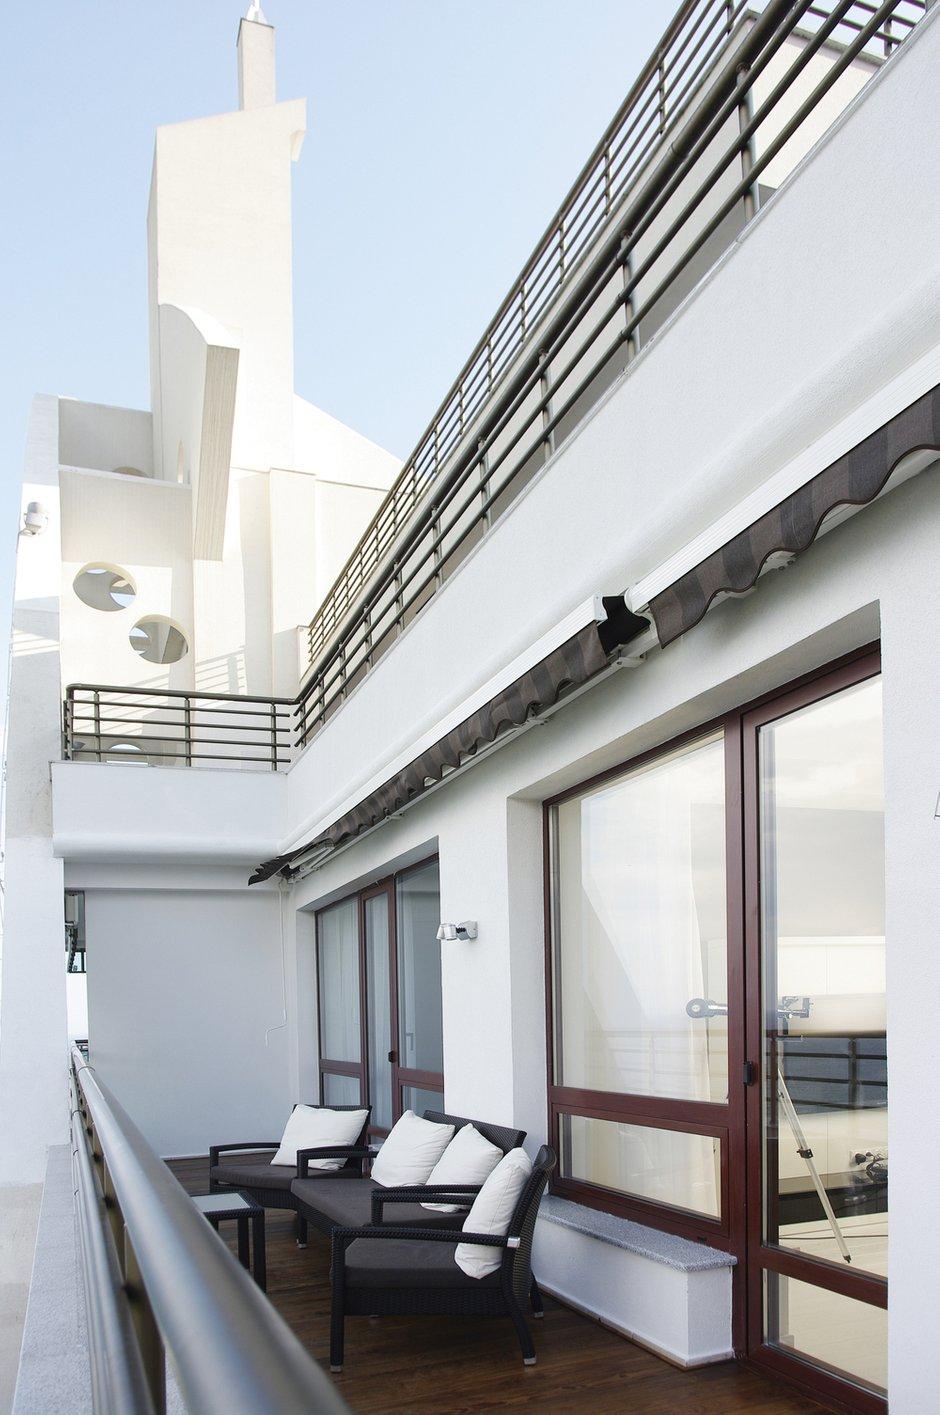 Фотография: Балкон, Терраса в стиле Современный, Квартира, Цвет в интерьере, Дома и квартиры, Белый, Минимализм – фото на InMyRoom.ru